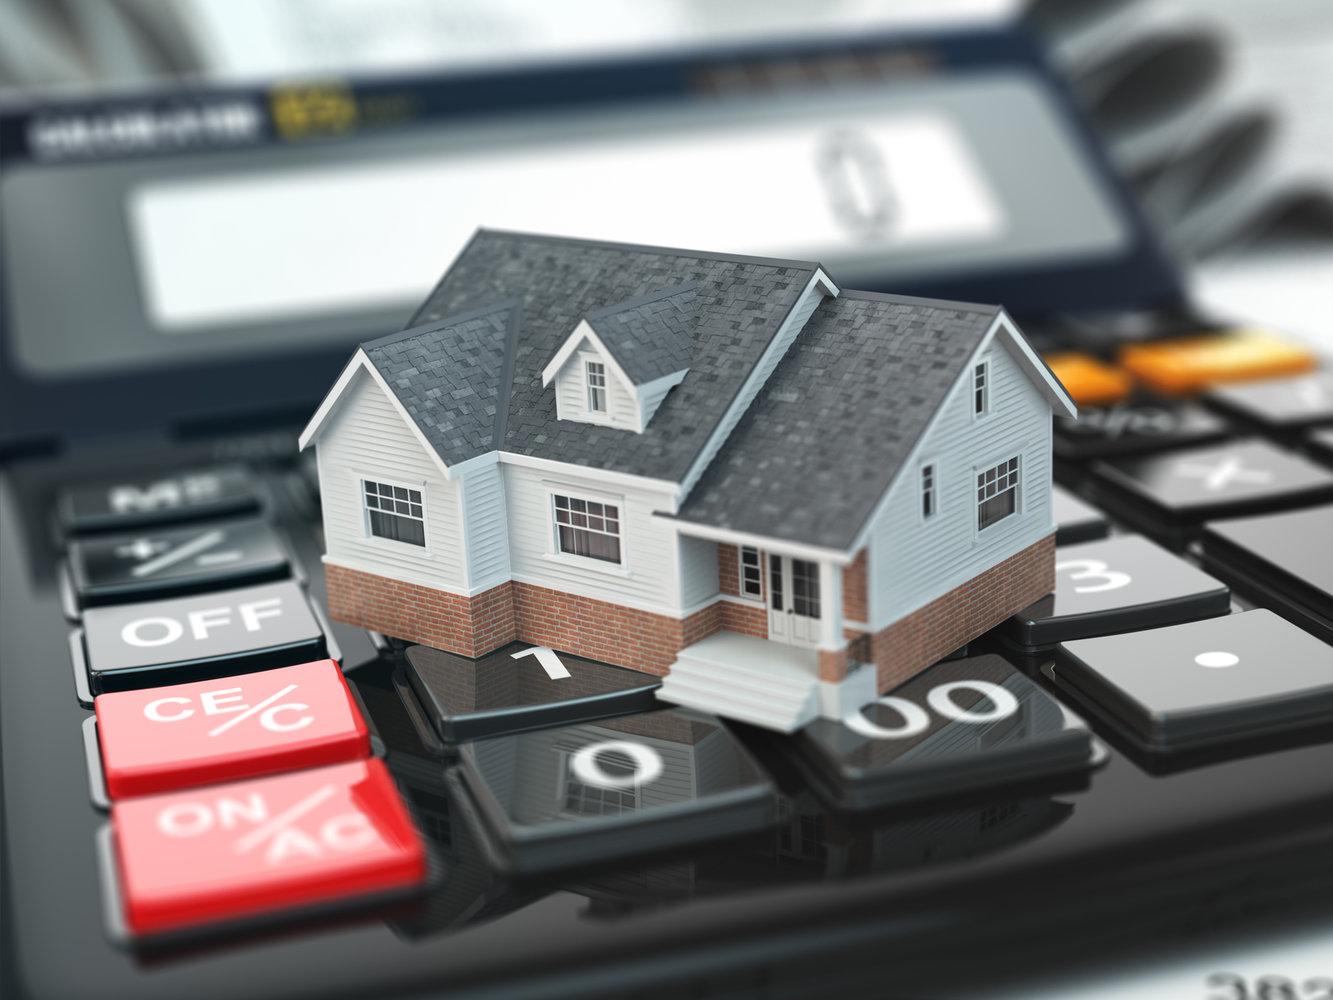 Estimer taxe d'habitation